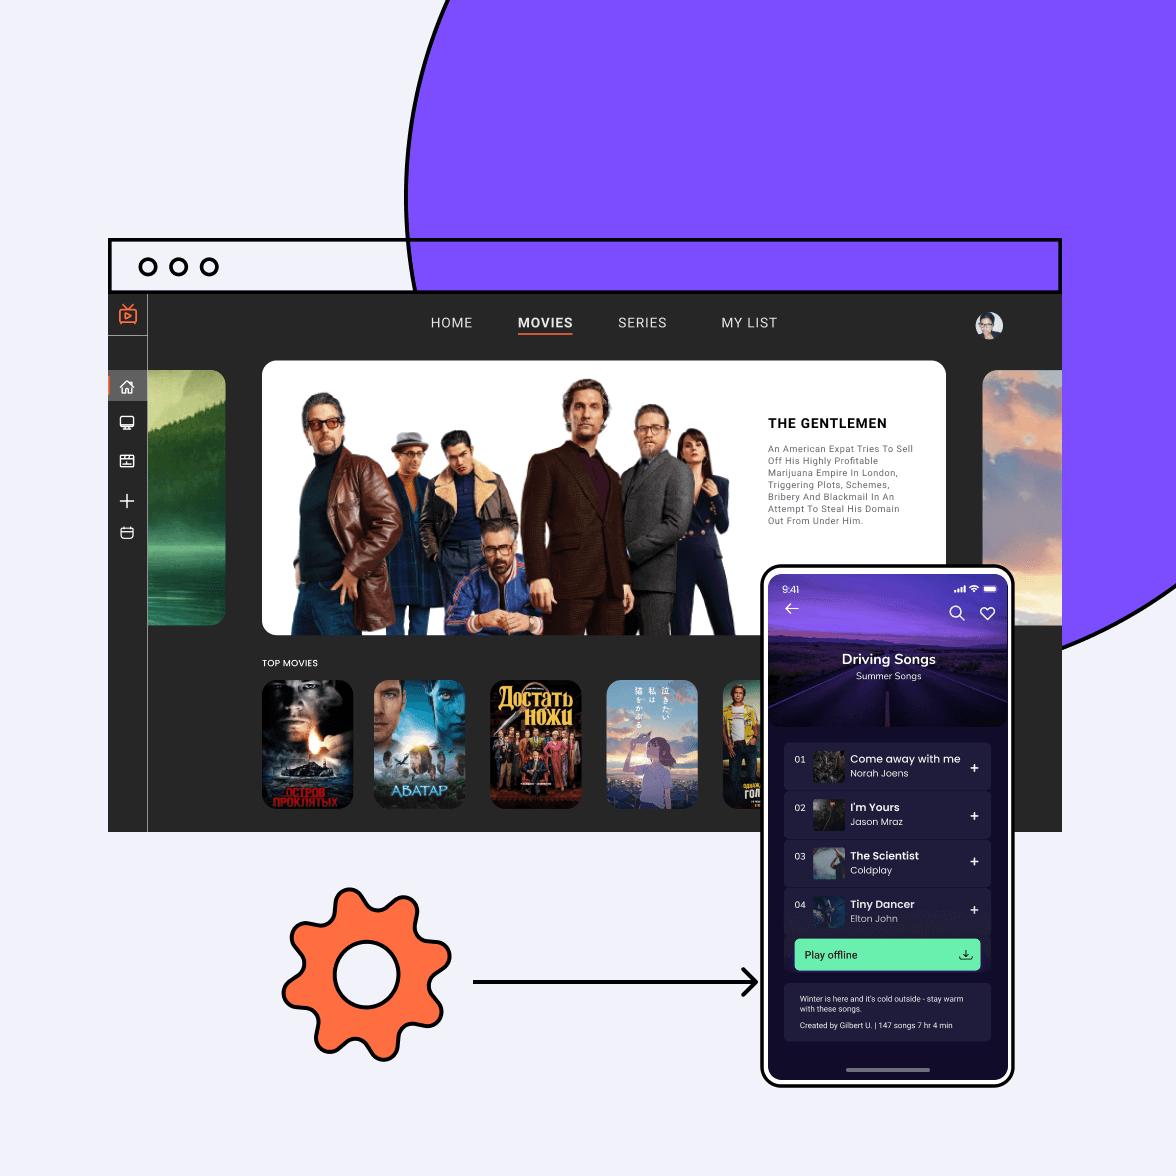 Ott platform screens for mobile and desktop